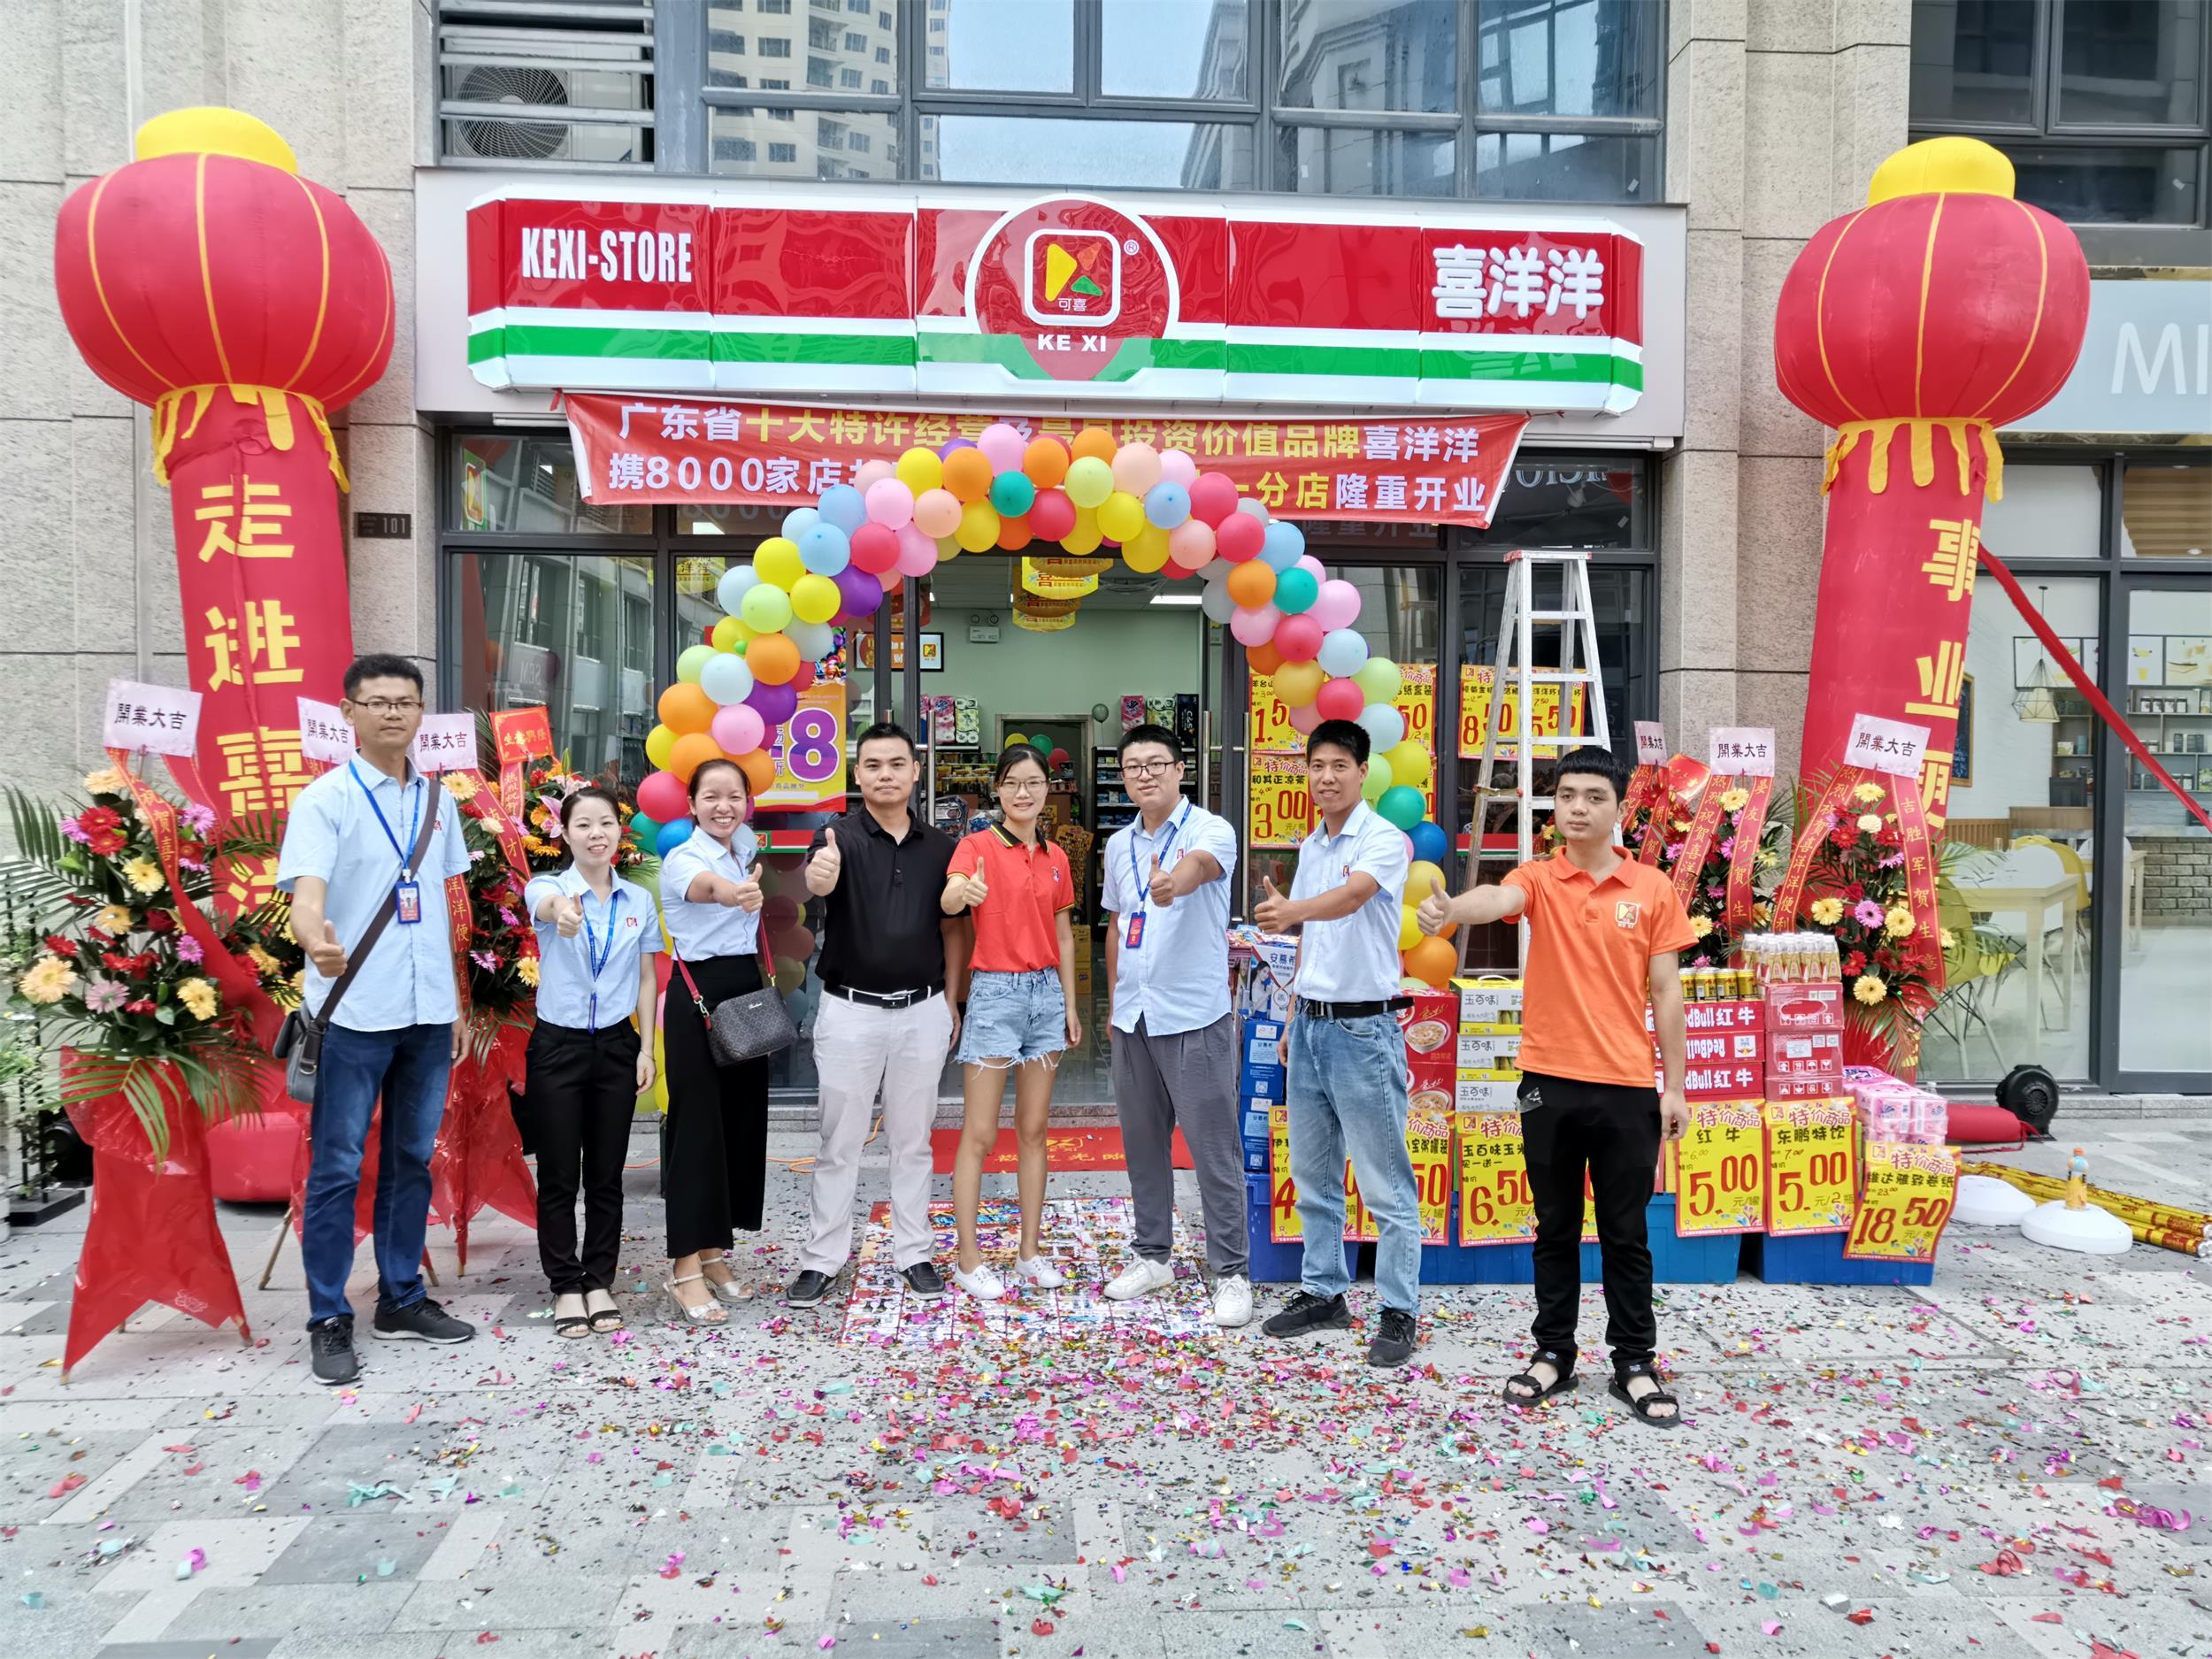 热烈祝贺喜洋洋9月25日又迎来新店开业:大亚湾锦地一分店